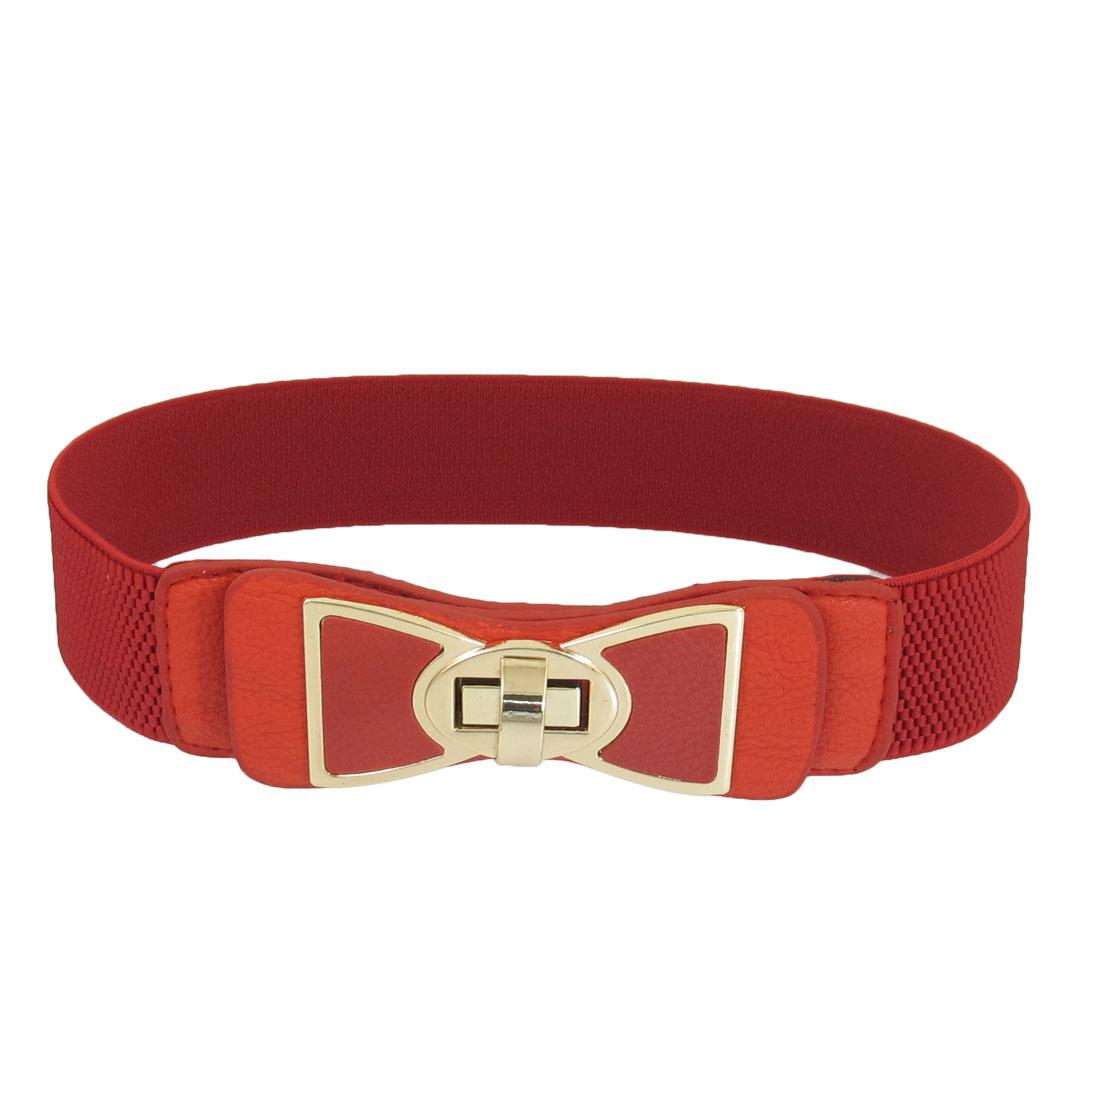 Ladies Bowtie Detail Turn Lock Buckle Stretchy Red Waist Belt Waistband Cinch